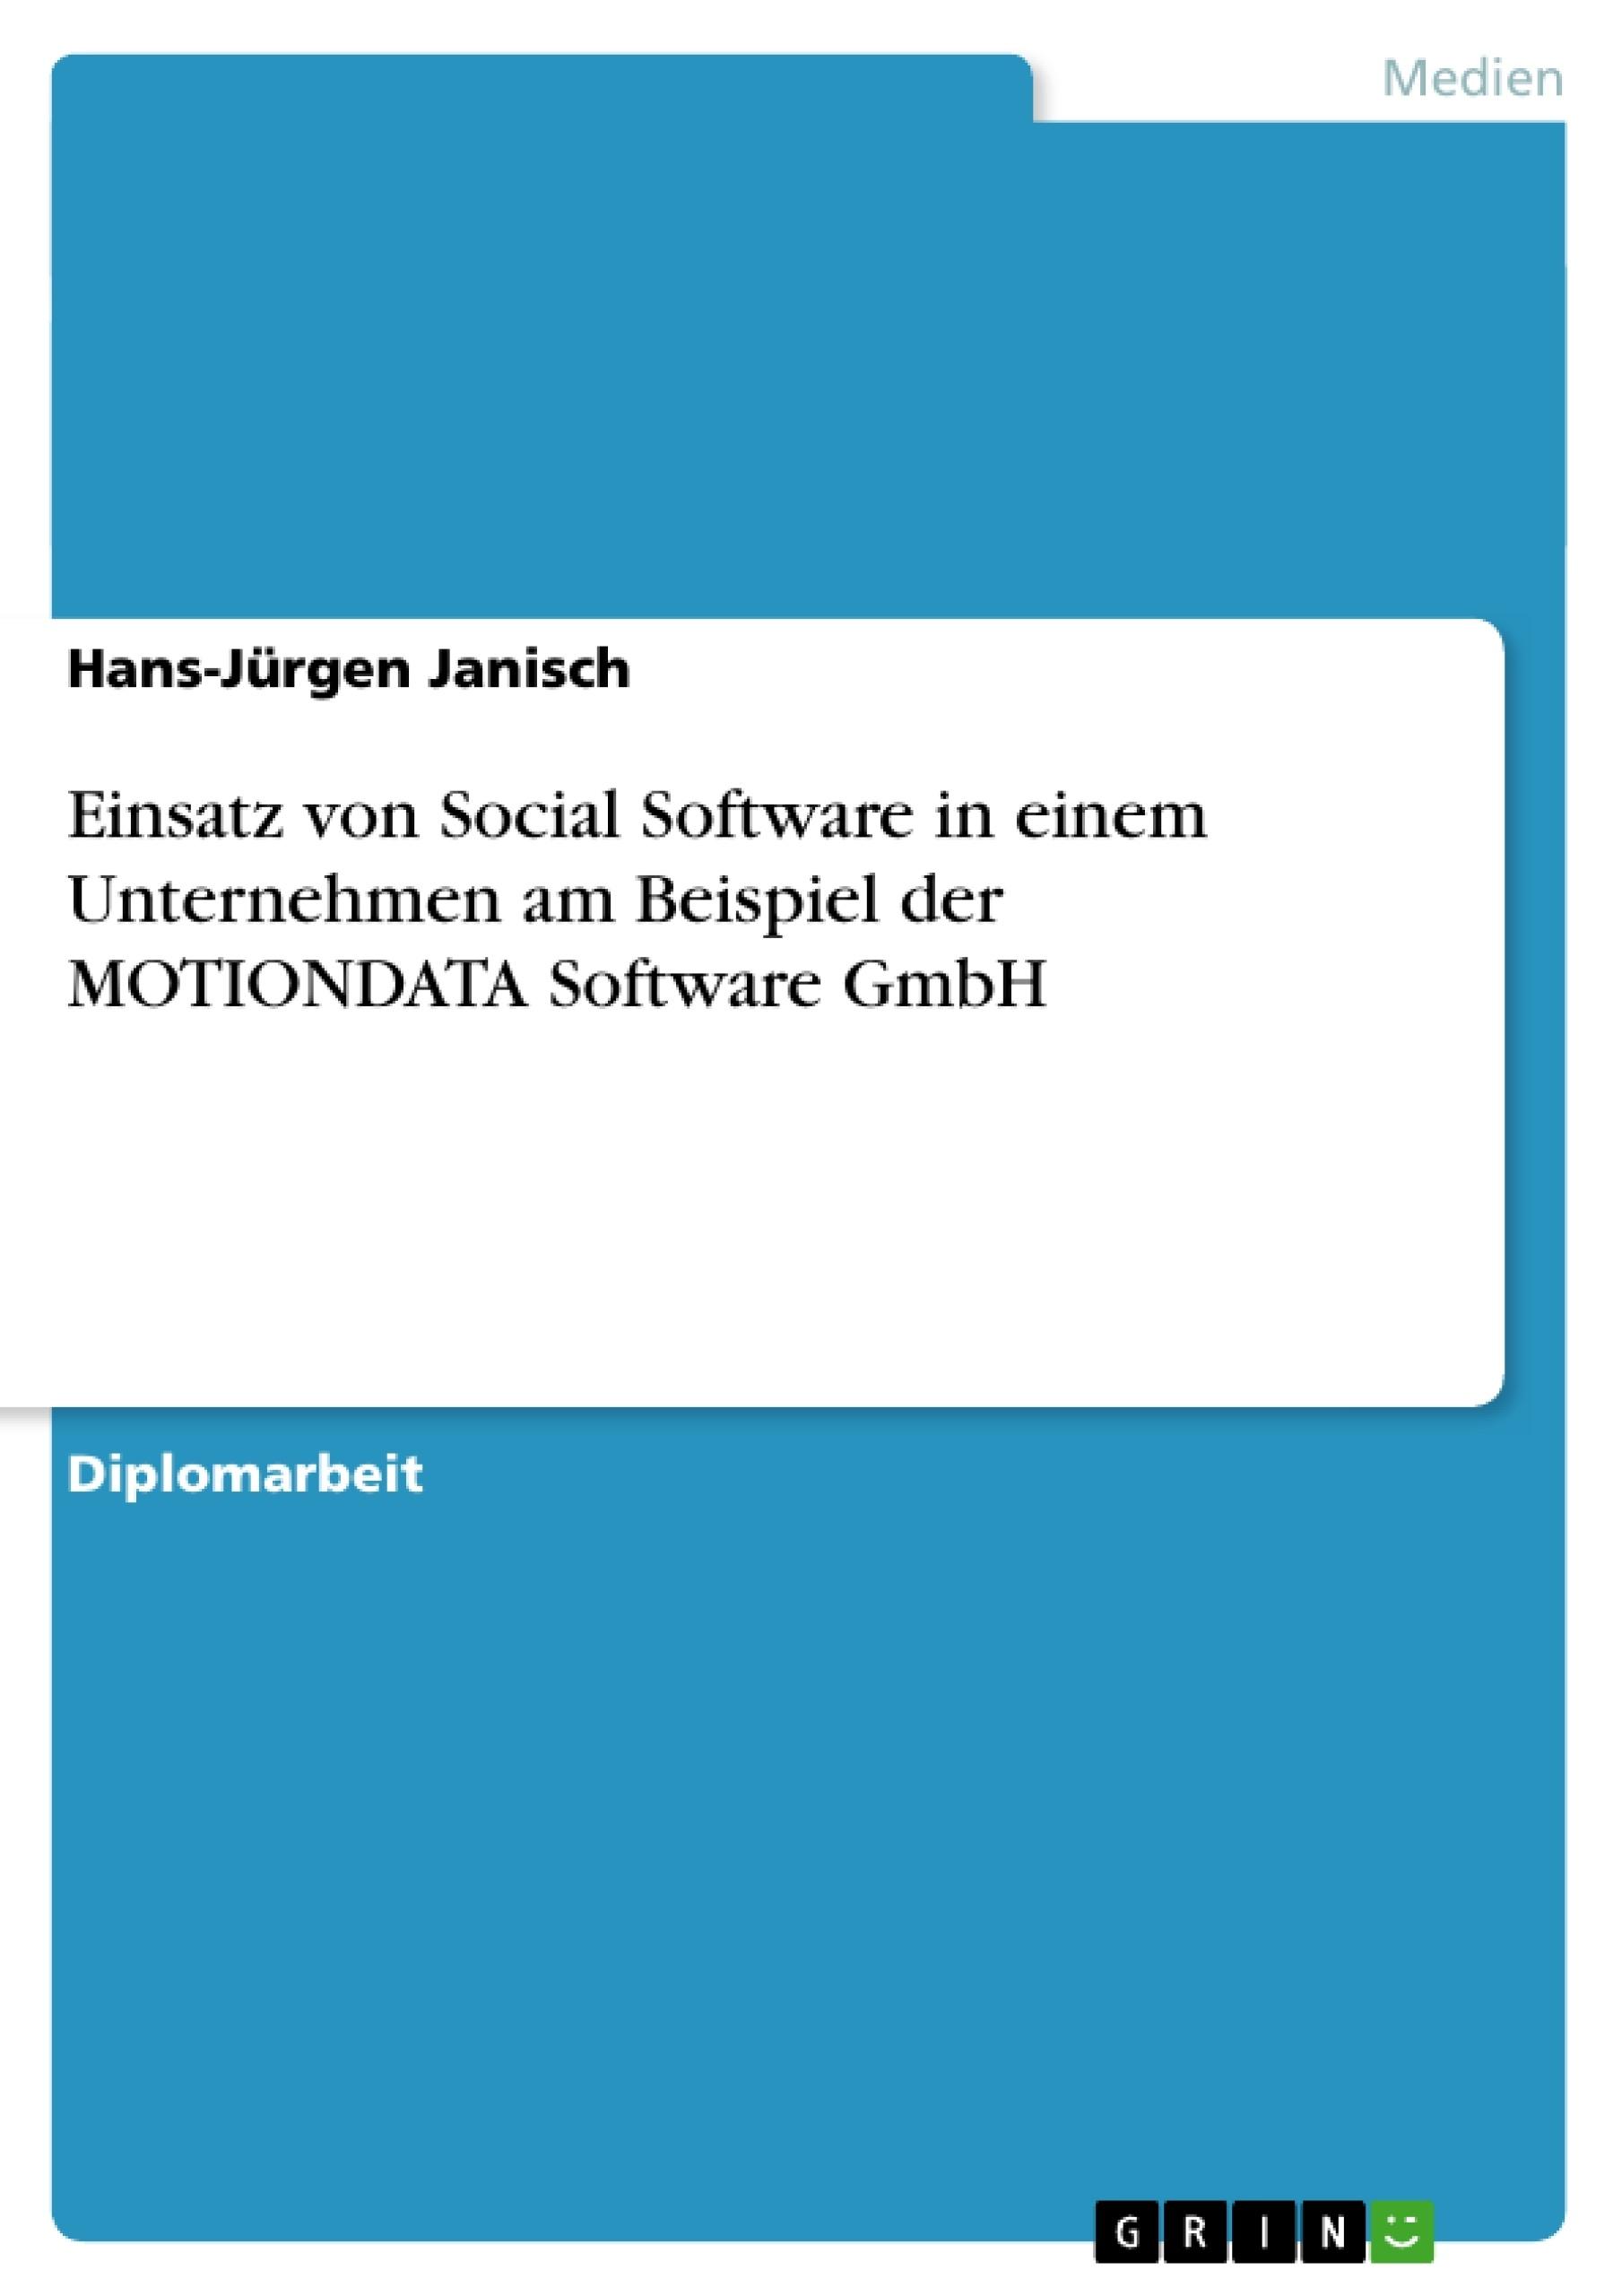 Titel: Einsatz von Social Software in einem Unternehmen am Beispiel der MOTIONDATA Software GmbH